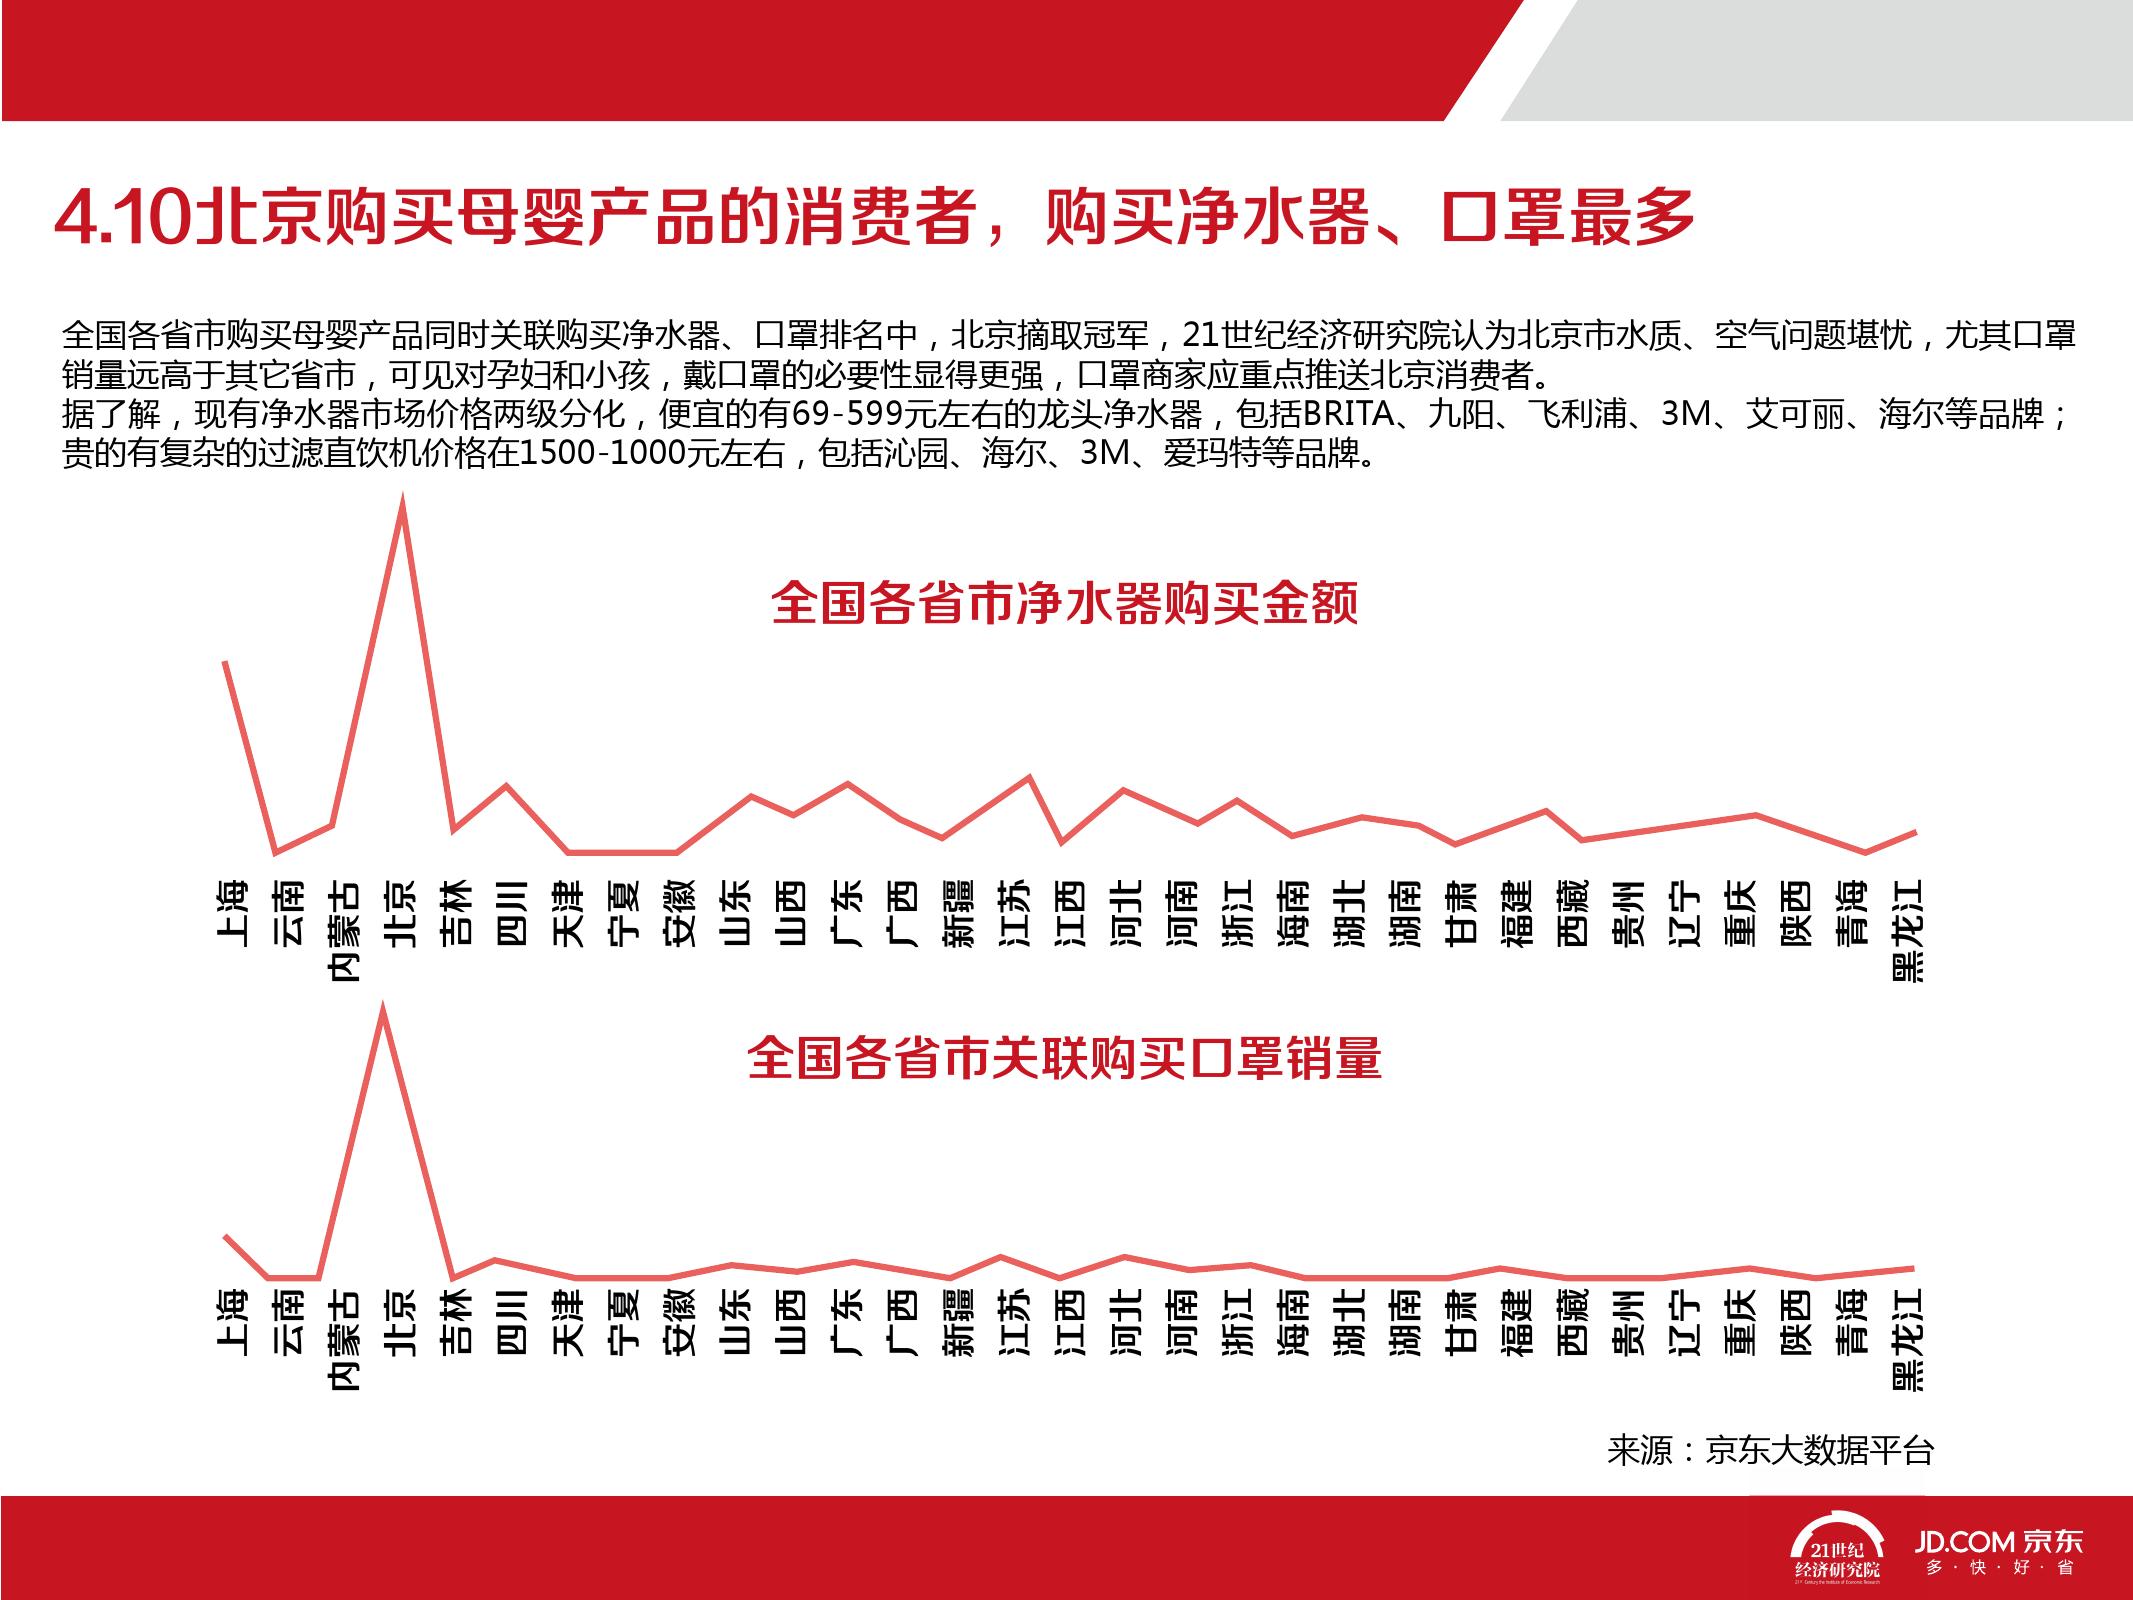 2016中国母婴产品消费趋势报告_000052